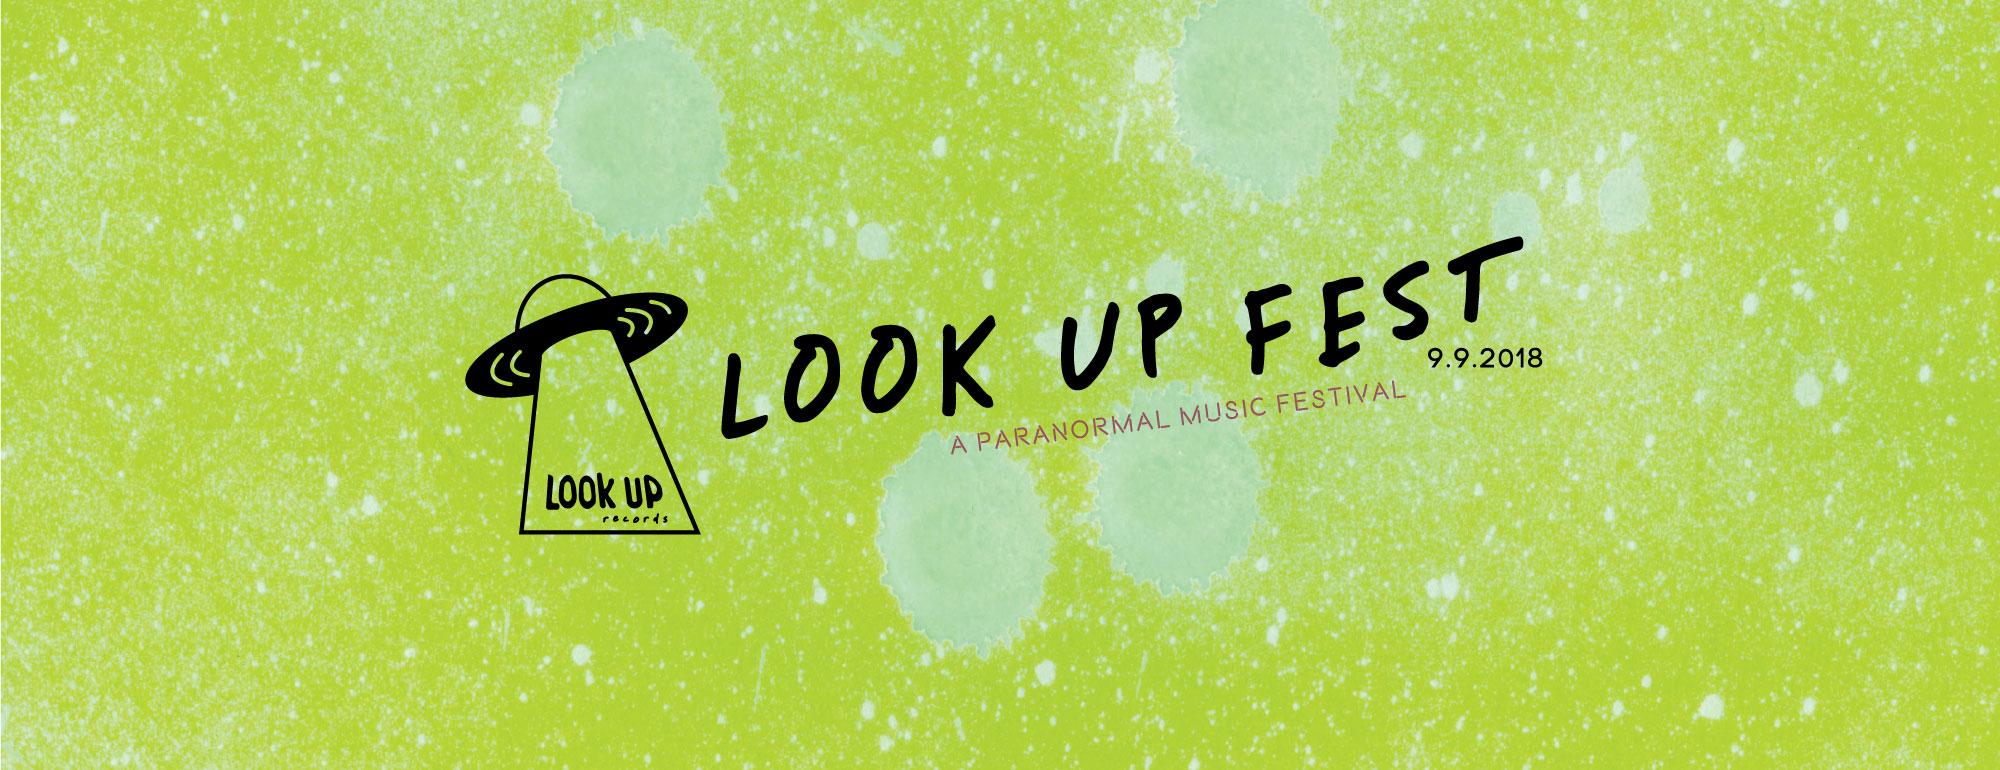 Look-Up-Fest-Banner1.jpg